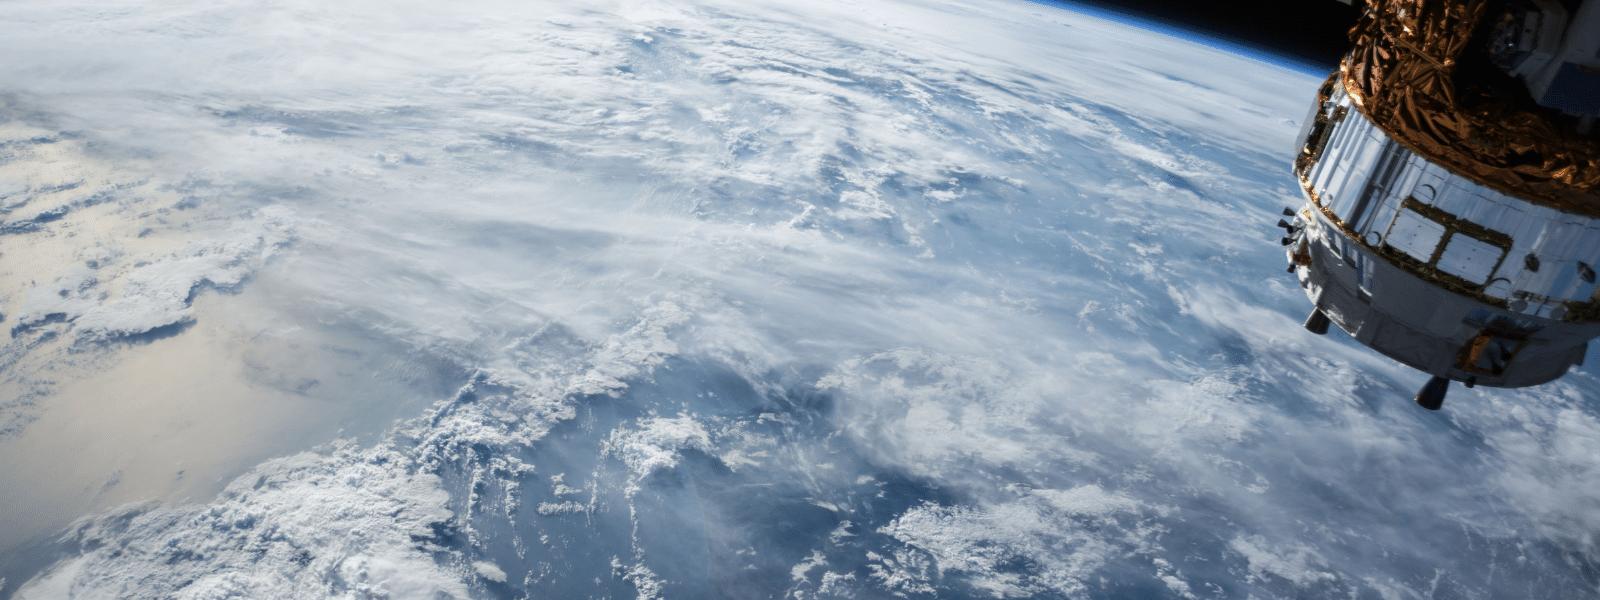 NASA IPV 2